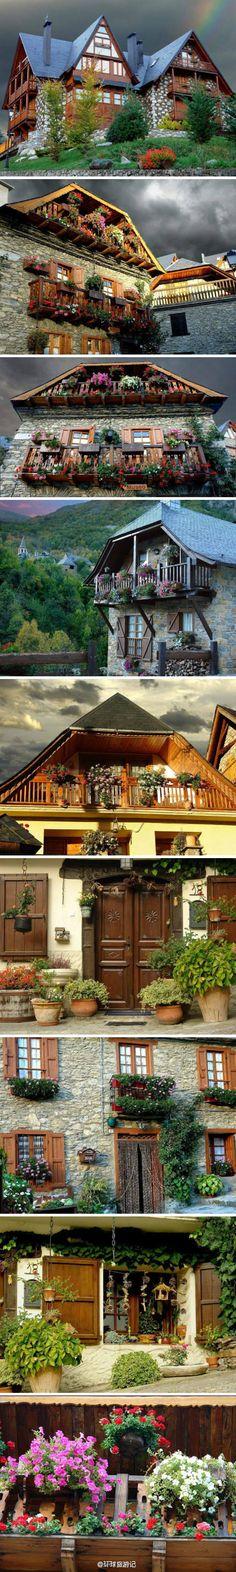 【西班牙乡村美景】幽雅别致的建筑,万紫千红的装点,与大自然融为一体。很美的风景!住在这里该有多美好。I dont know what these words are...but the houses are pretty!